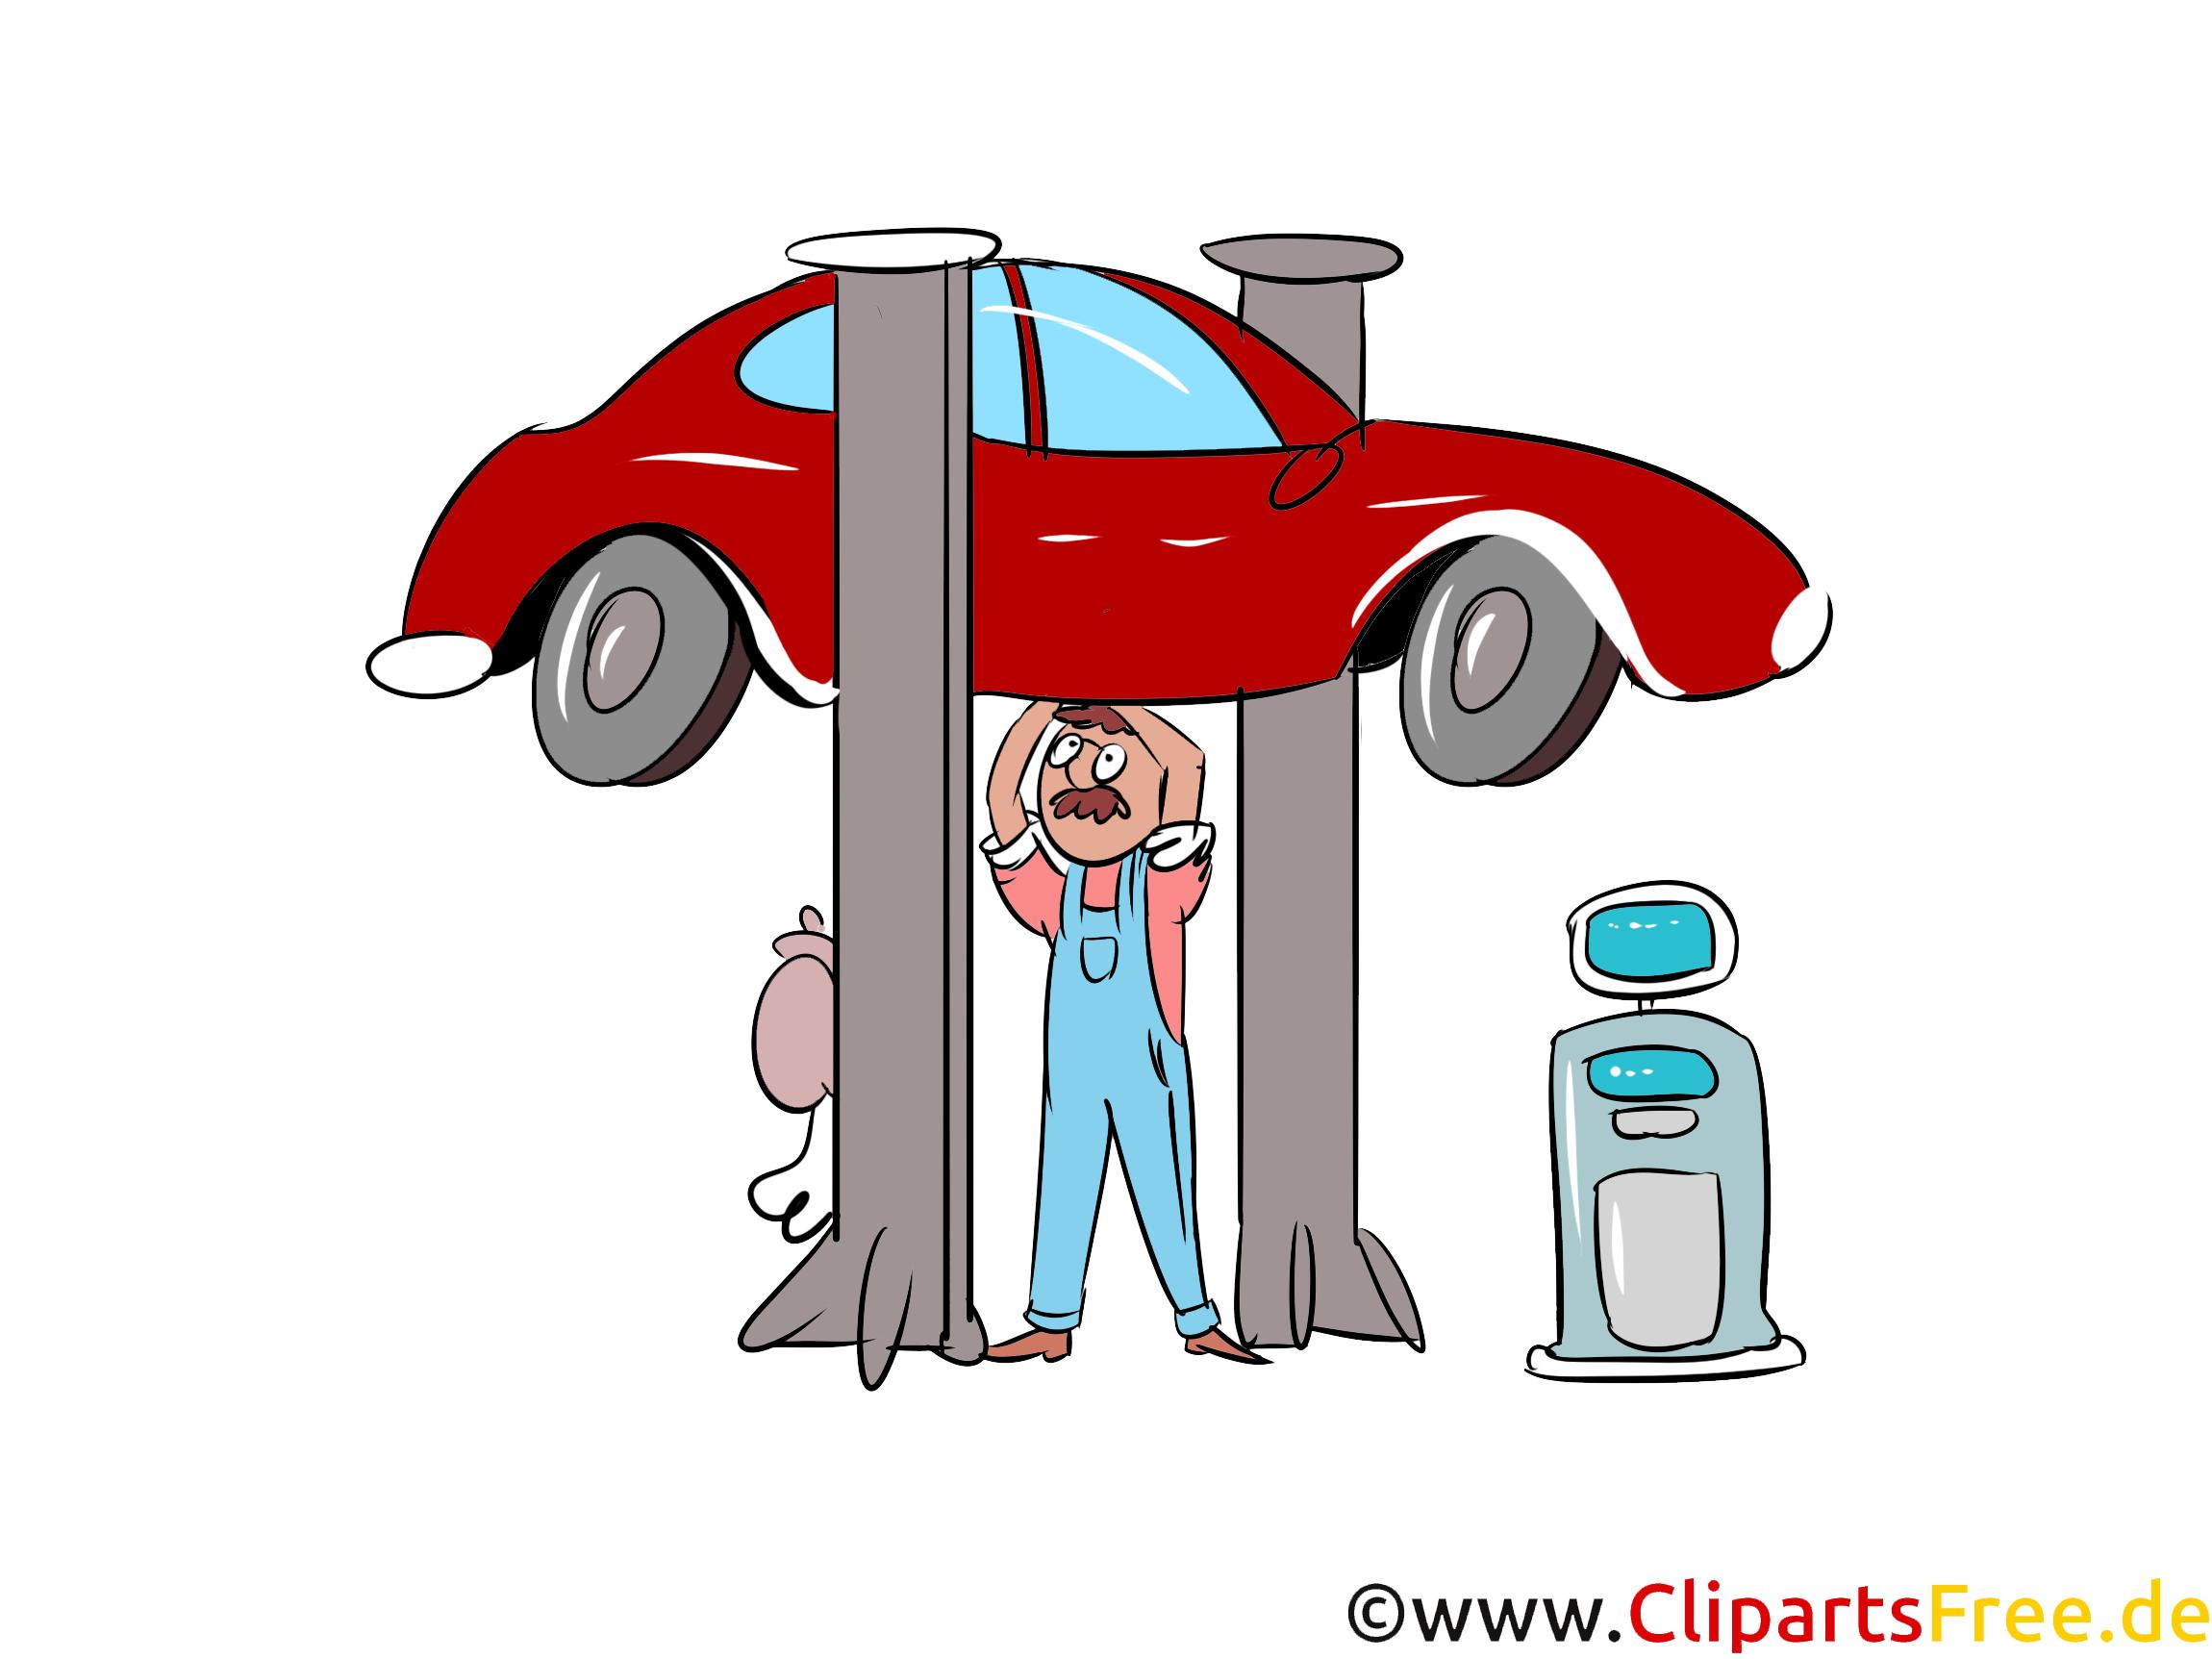 Auto auf Hebebühne in Werkstatt Bild, Illustration, Clipart